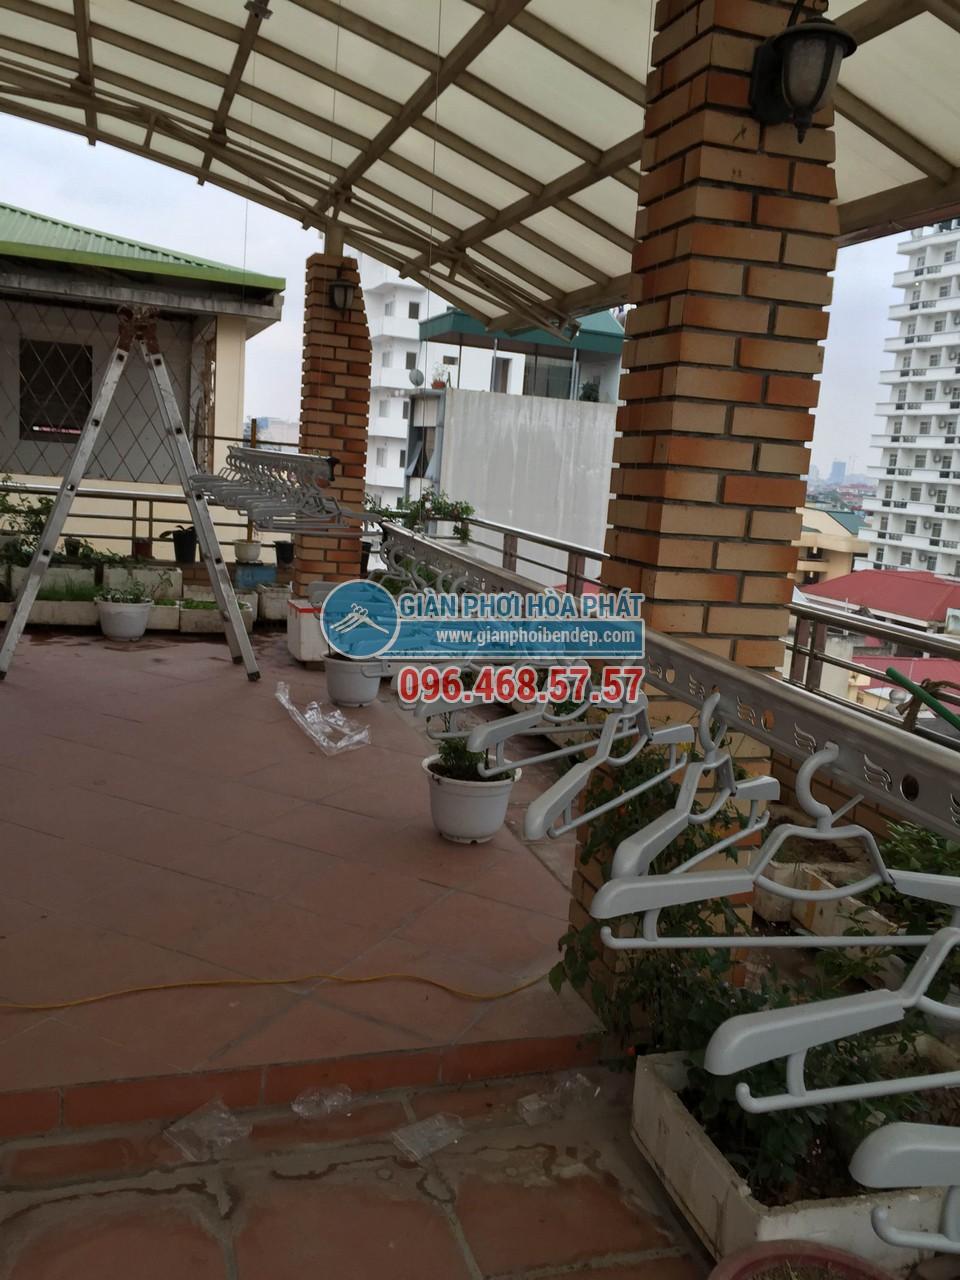 Báo giá trọn gói lắp đặt giàn phơi thông minh bền đẹp tại Hà Nội 01